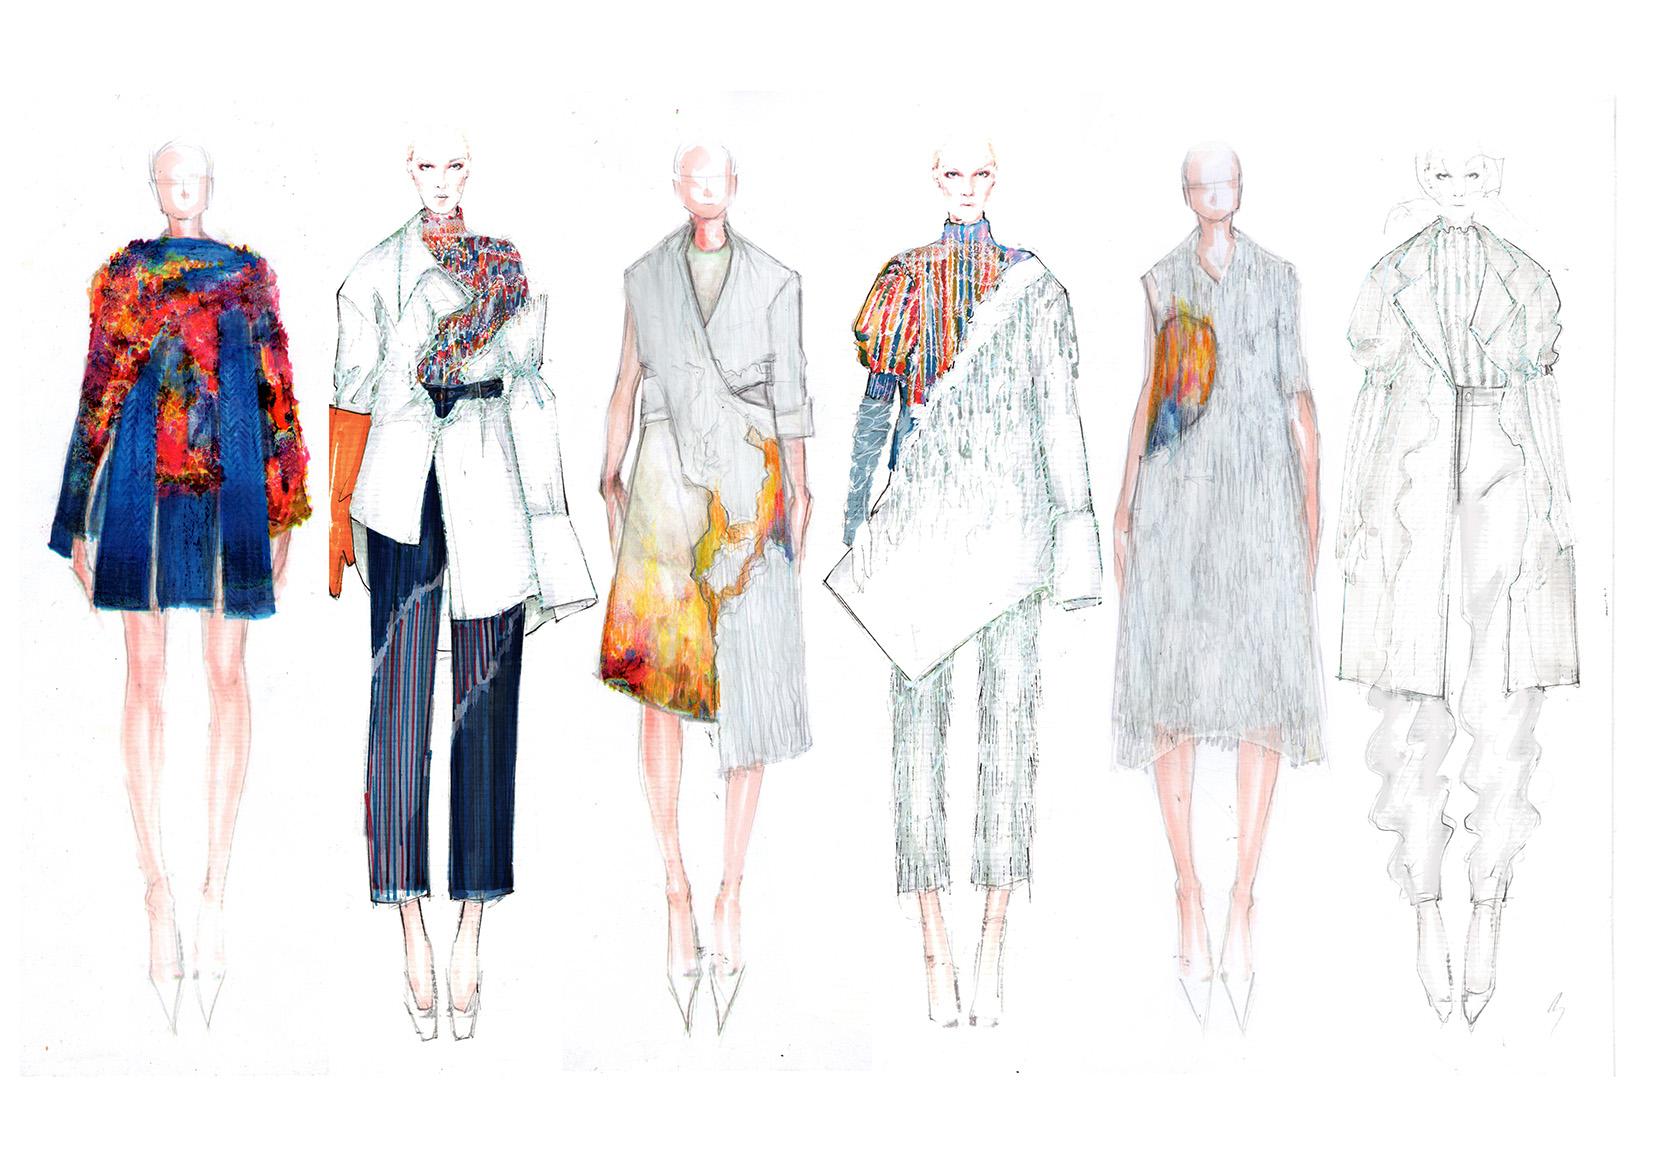 """Công bố 3 đội vào vòng chung kết cuộc thi thiết kế """"Thời trang bền vững"""" – ELLE Design Contest"""